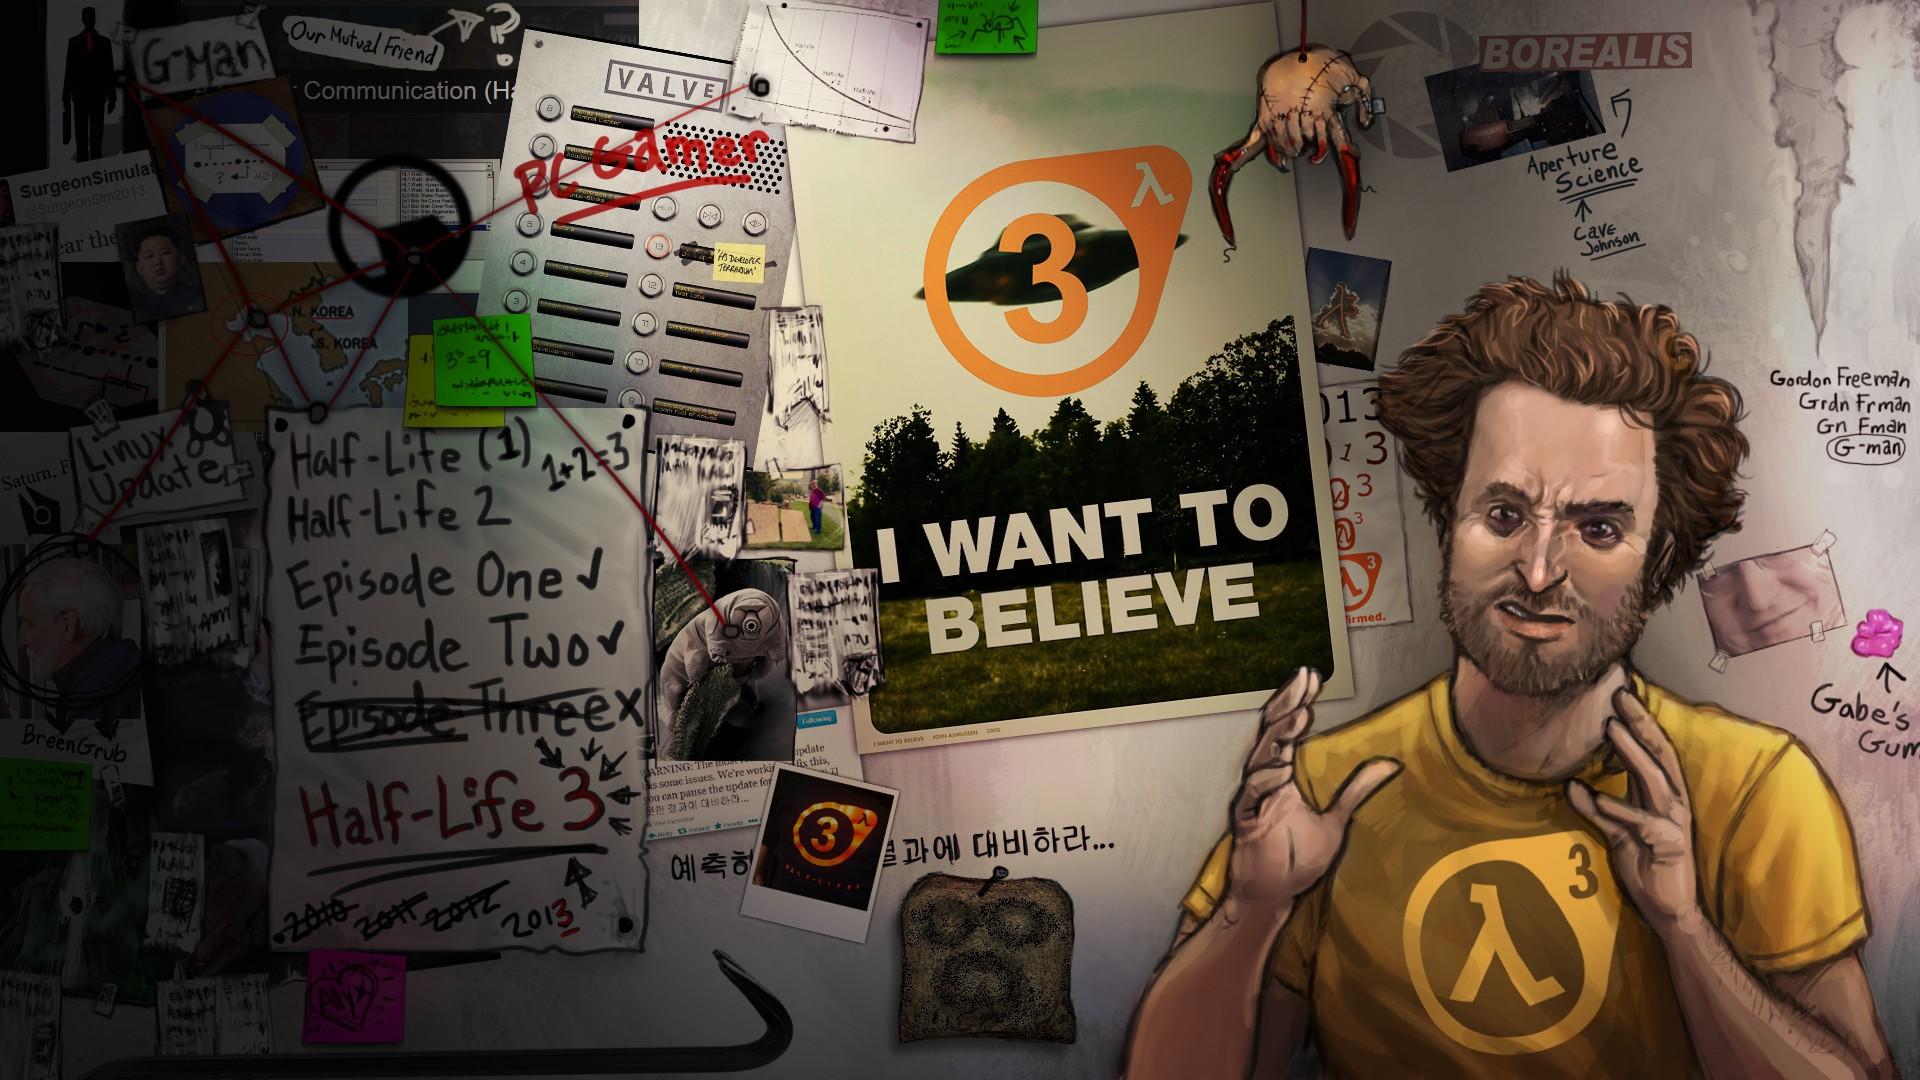 """Así que algo terminado en """"3"""" estaría en desarrollo según una imagen tomada desde las oficinas de Valve [Rumores]"""